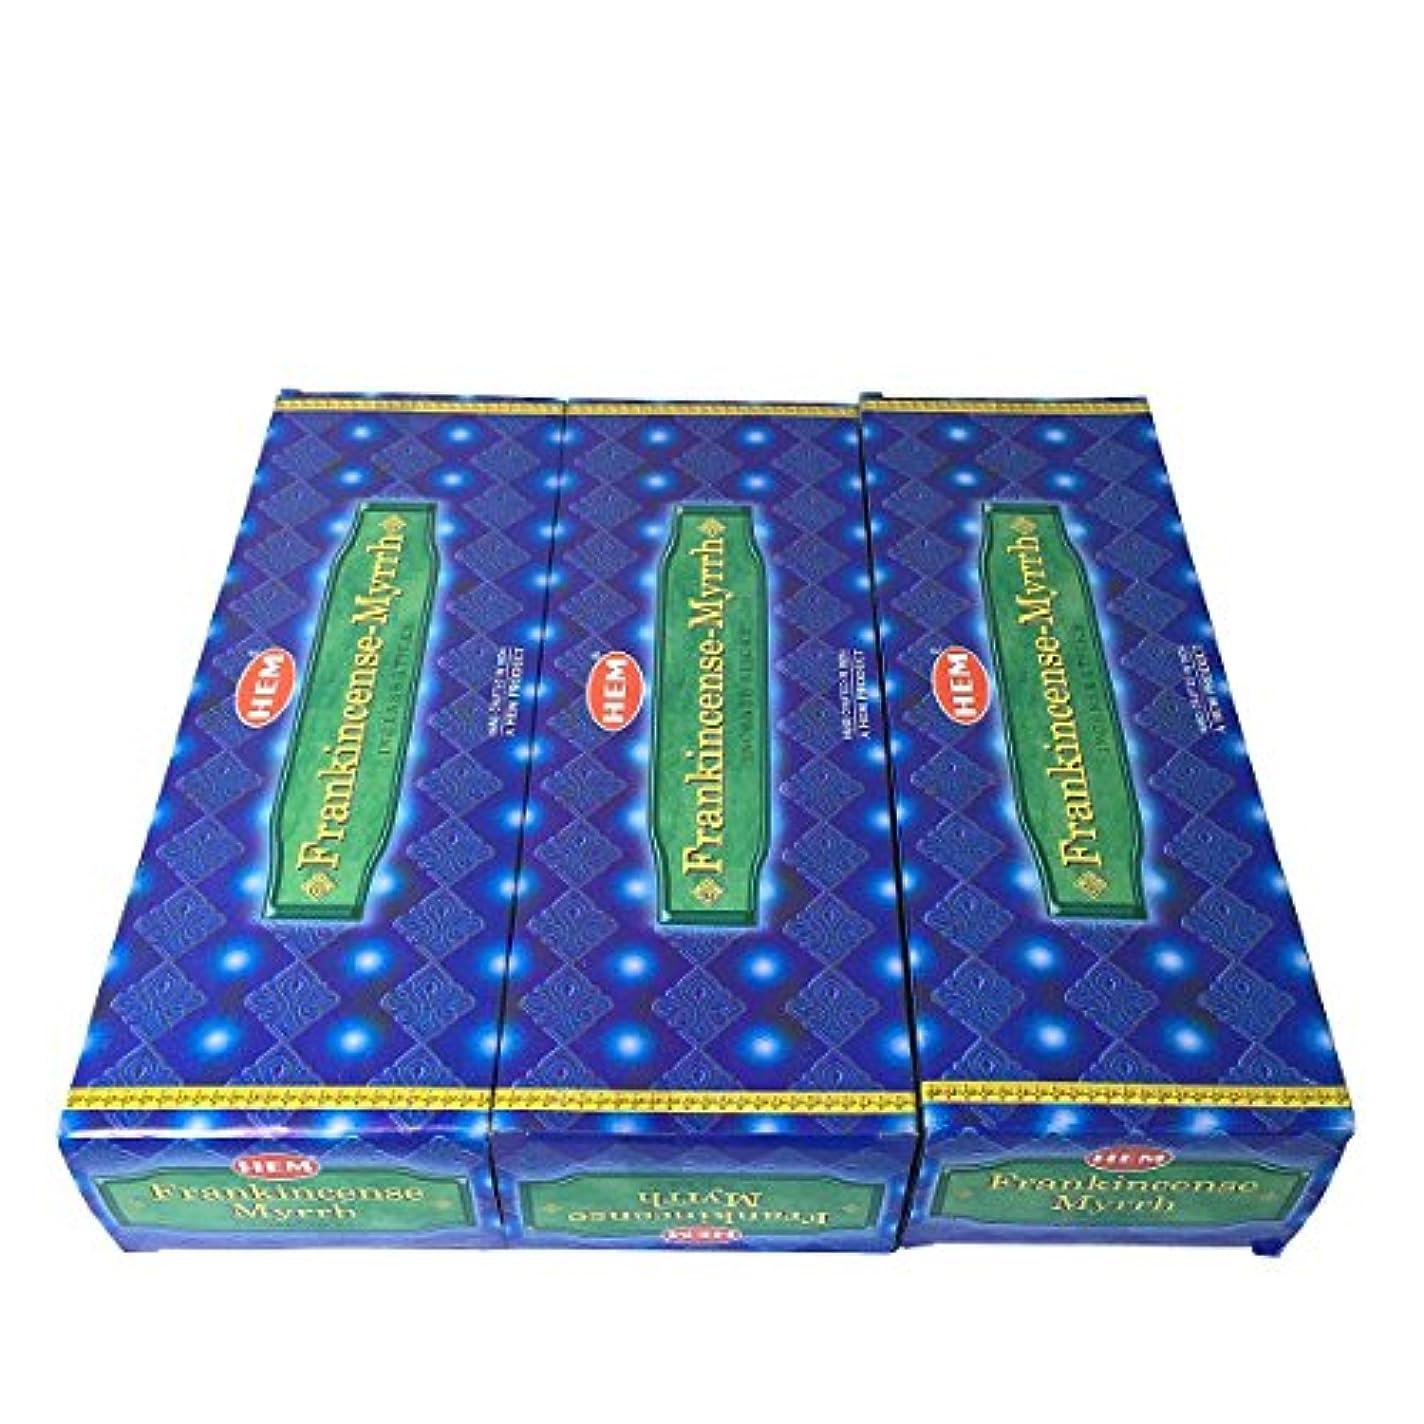 インテリアオセアニアパネルフランキンセンス ミルラ香スティック 3BOX(18箱) /HEM FRANKINCENSE MYRRH/インセンス/インド香 お香 [並行輸入品]